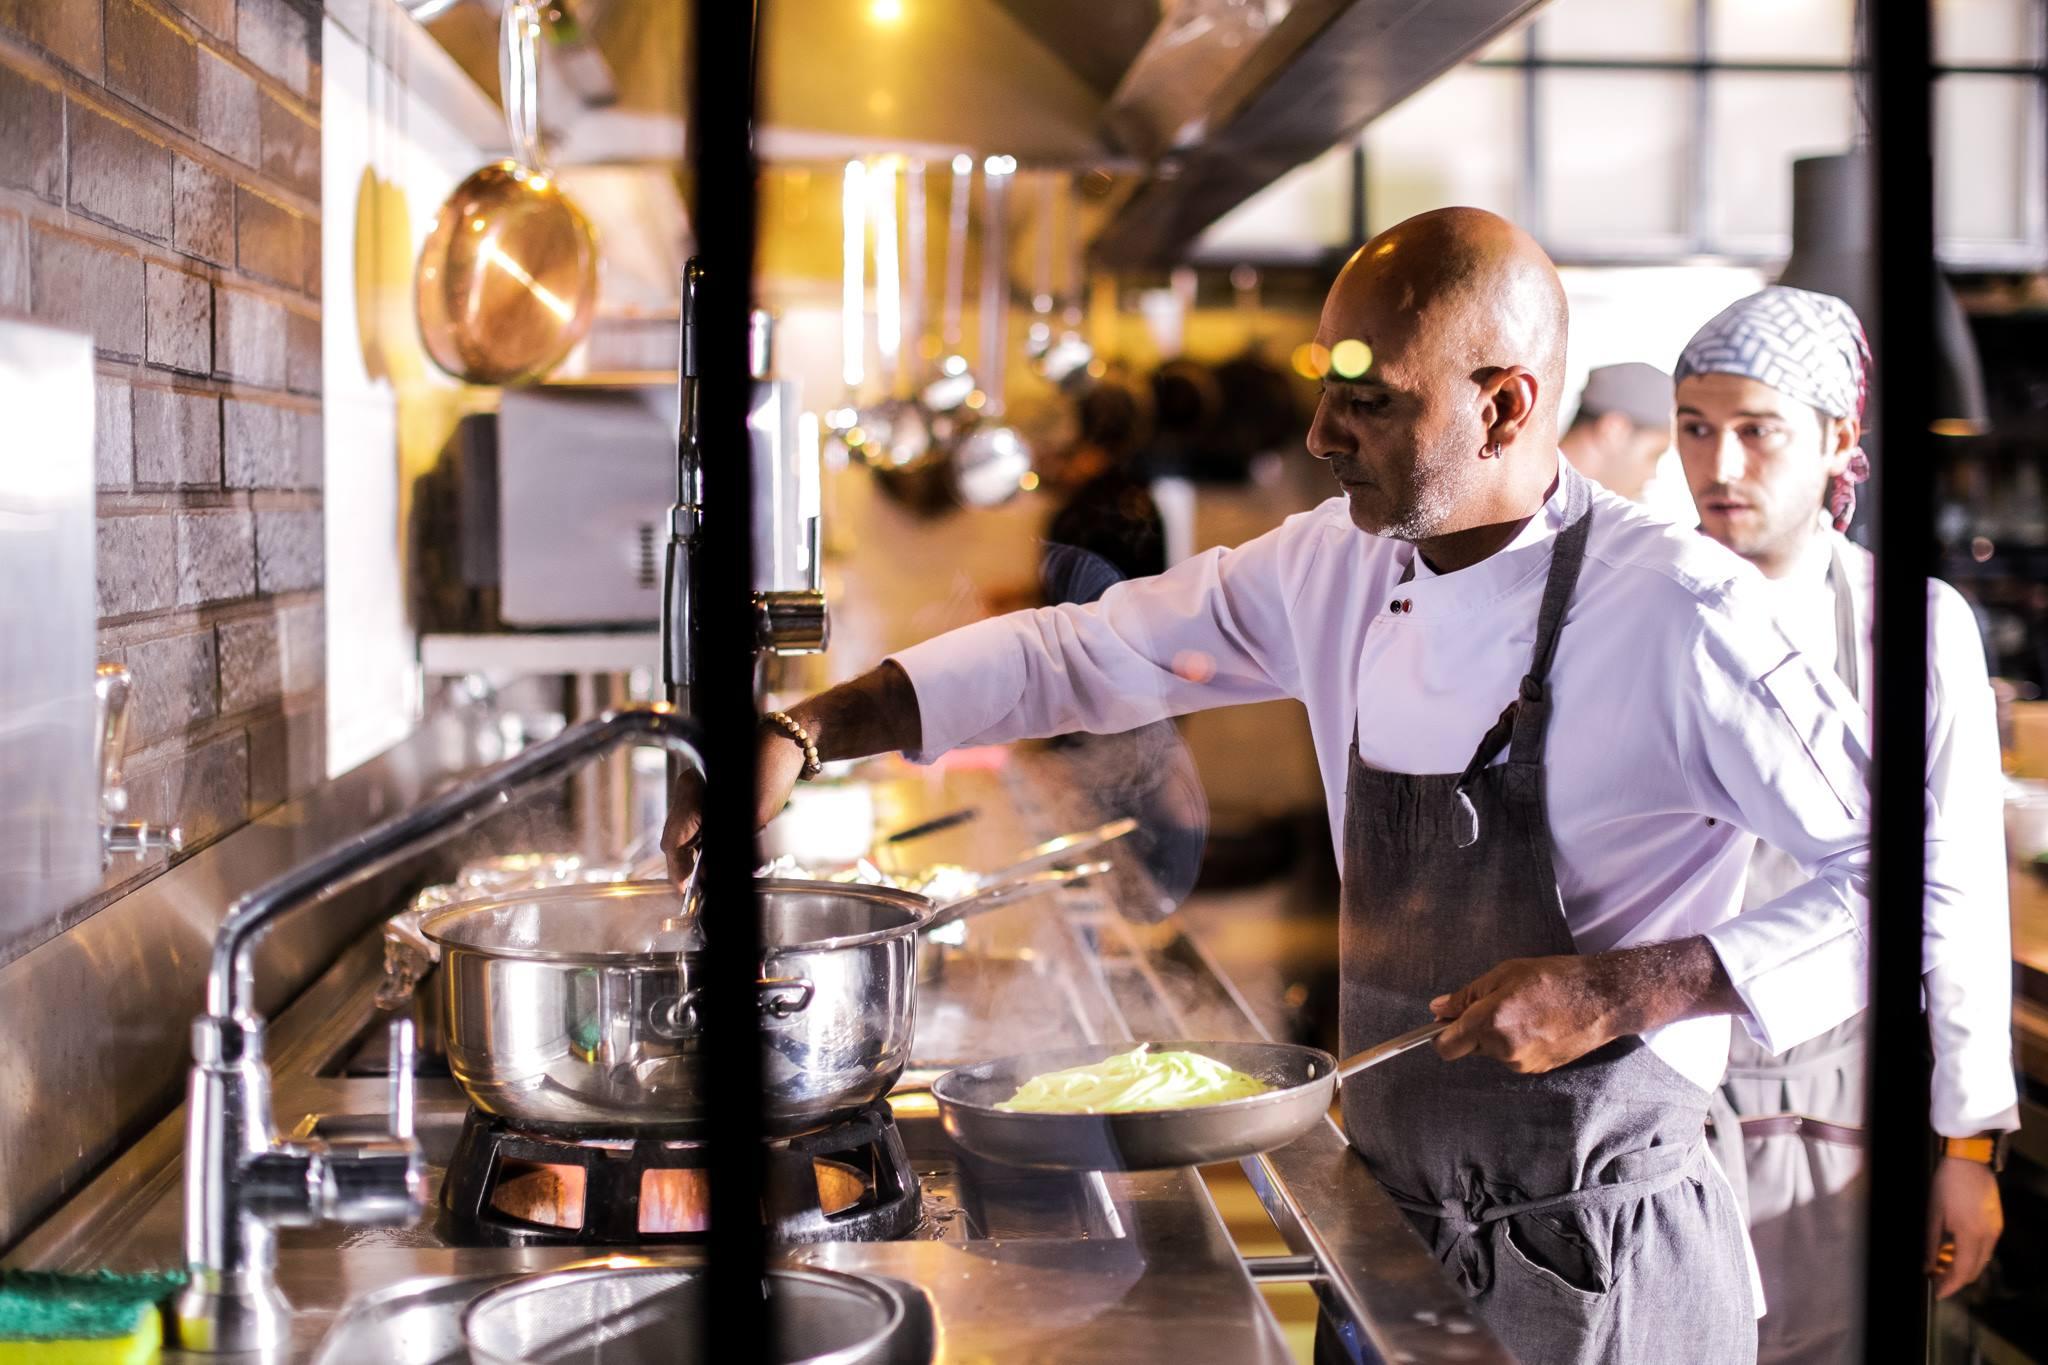 Alaçatı'daki Kapha, Kuzey İspanya'nın Michelin yıldızlı restoranları ayarında.